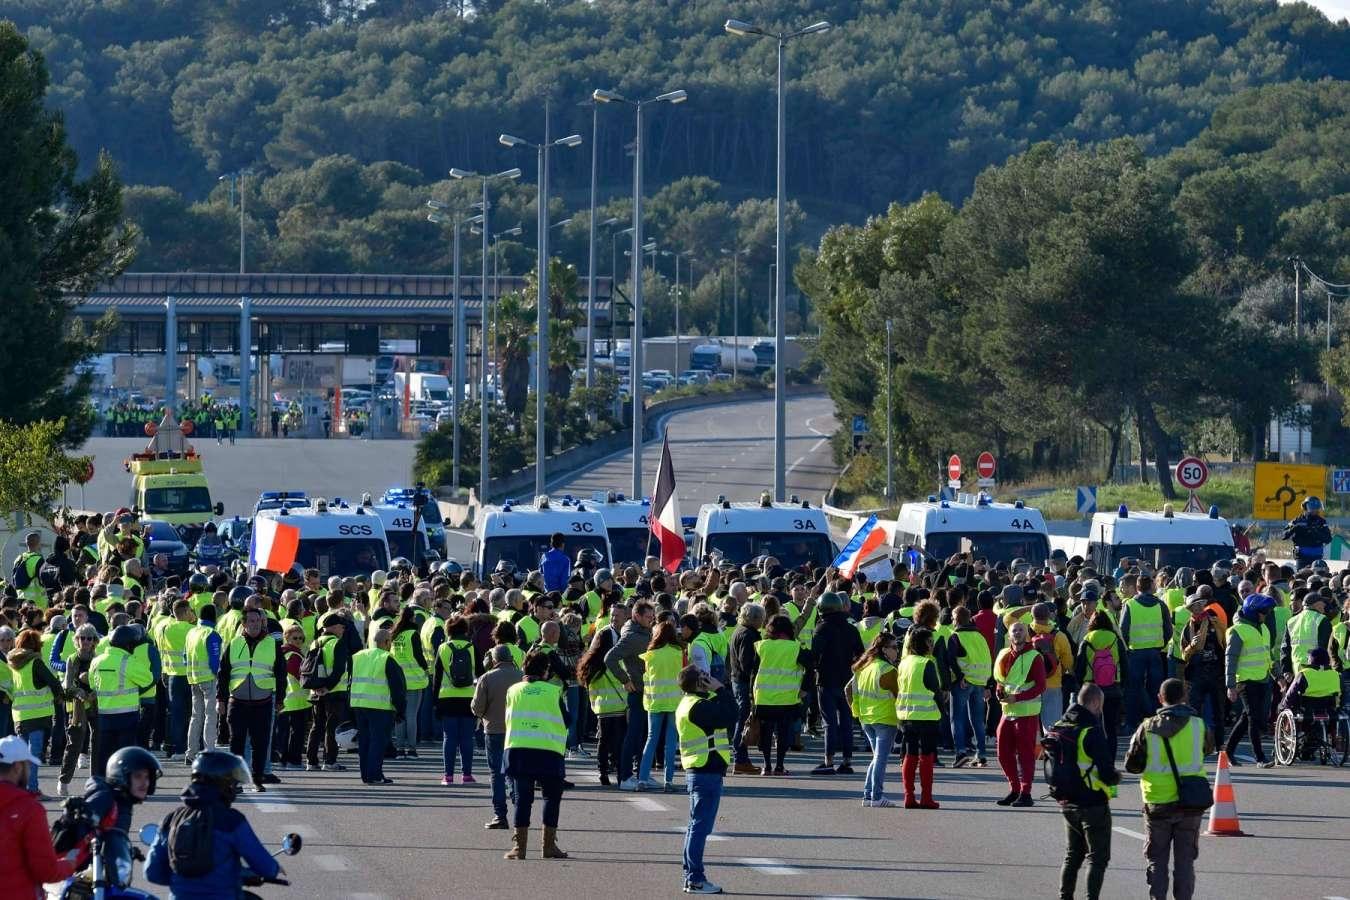 A partir del 17 de novembre, els armilles grogues van protagonitzar moviments de protesta en contra de l'alça dels preus i les taxes de carburants